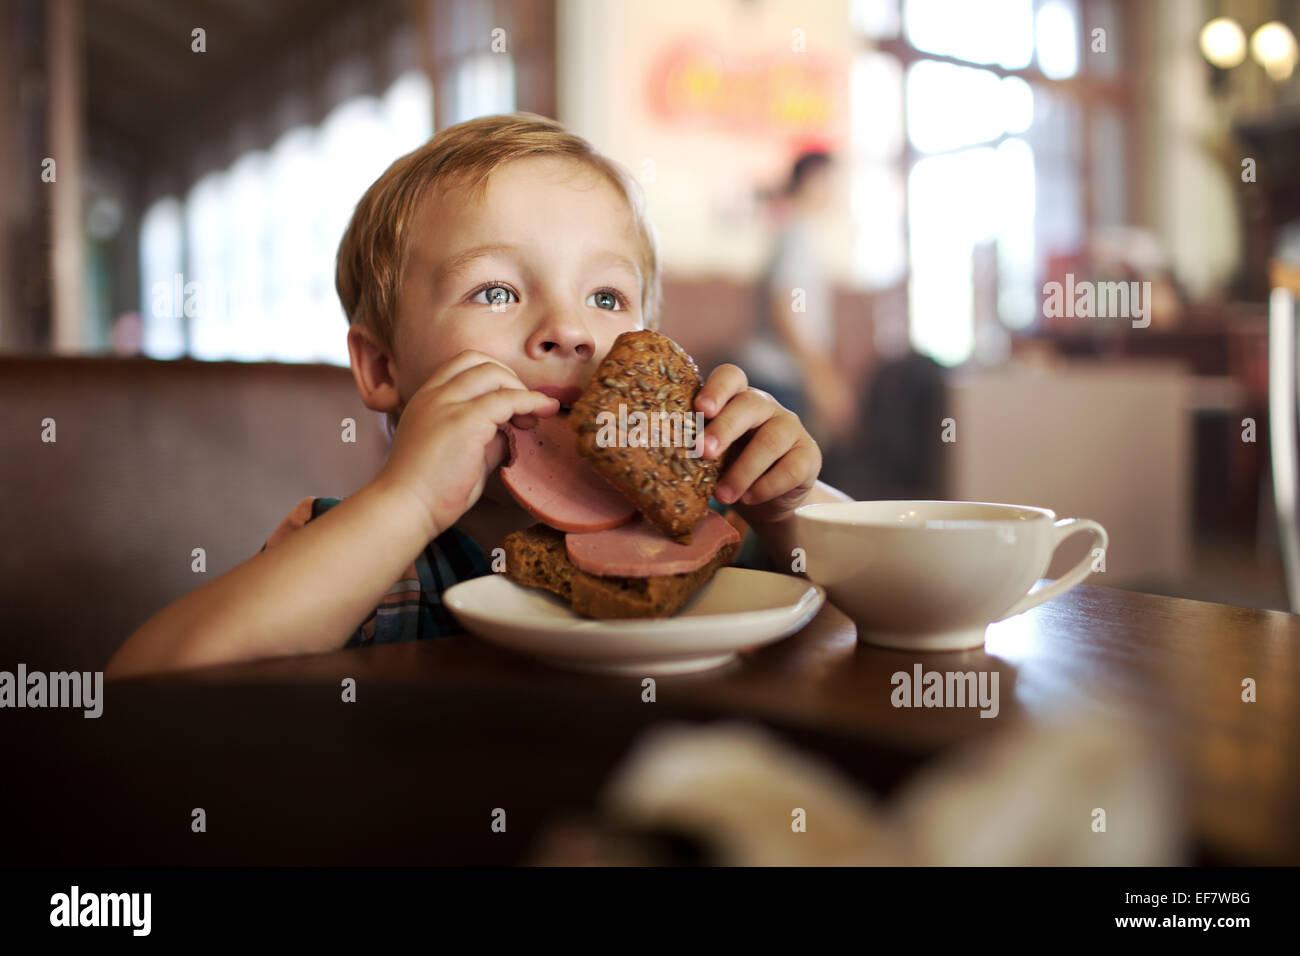 Petit enfant en train de déjeuner avec café et thé dans sandwich Photo Stock